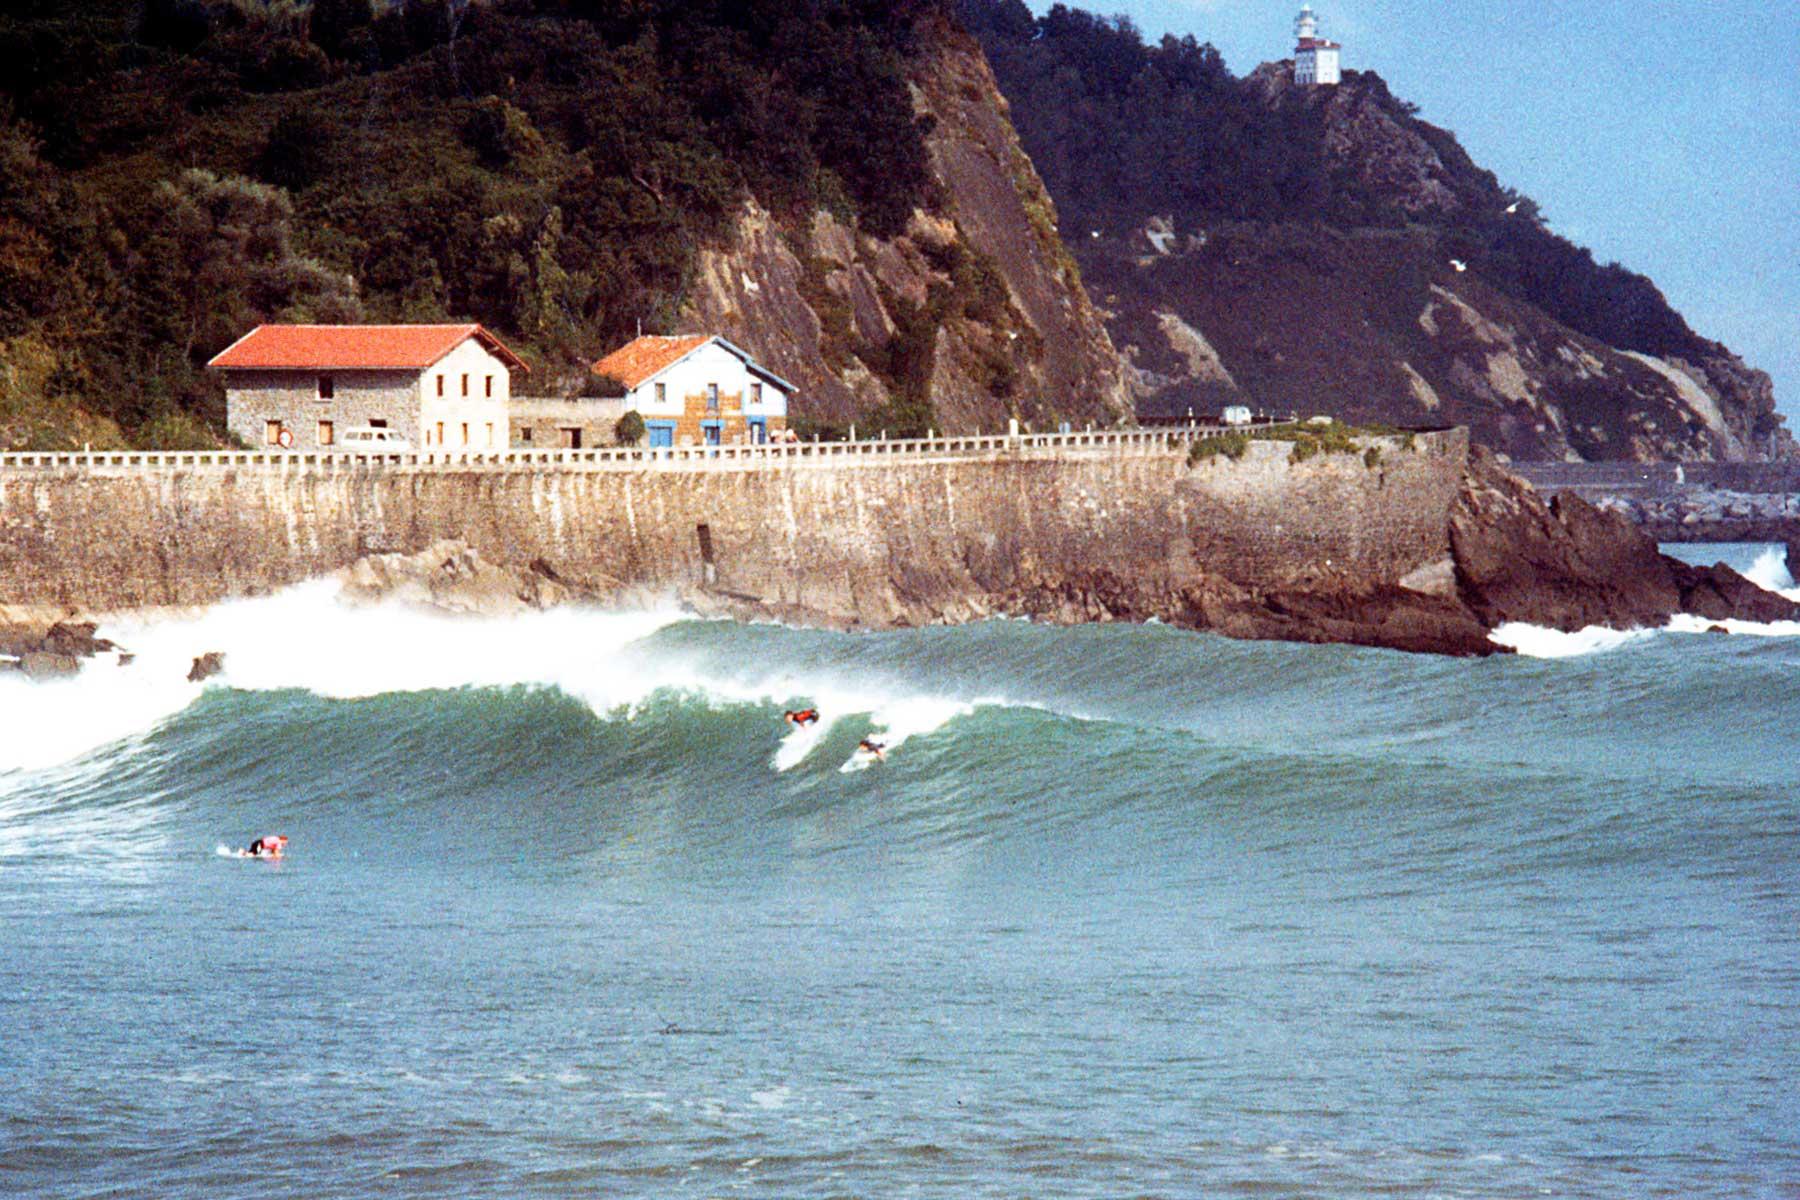 Surfing Spain   Ubiri point break   Karramarro (Crab) Basque   Steven Andrew Martin   Bay of Biscay